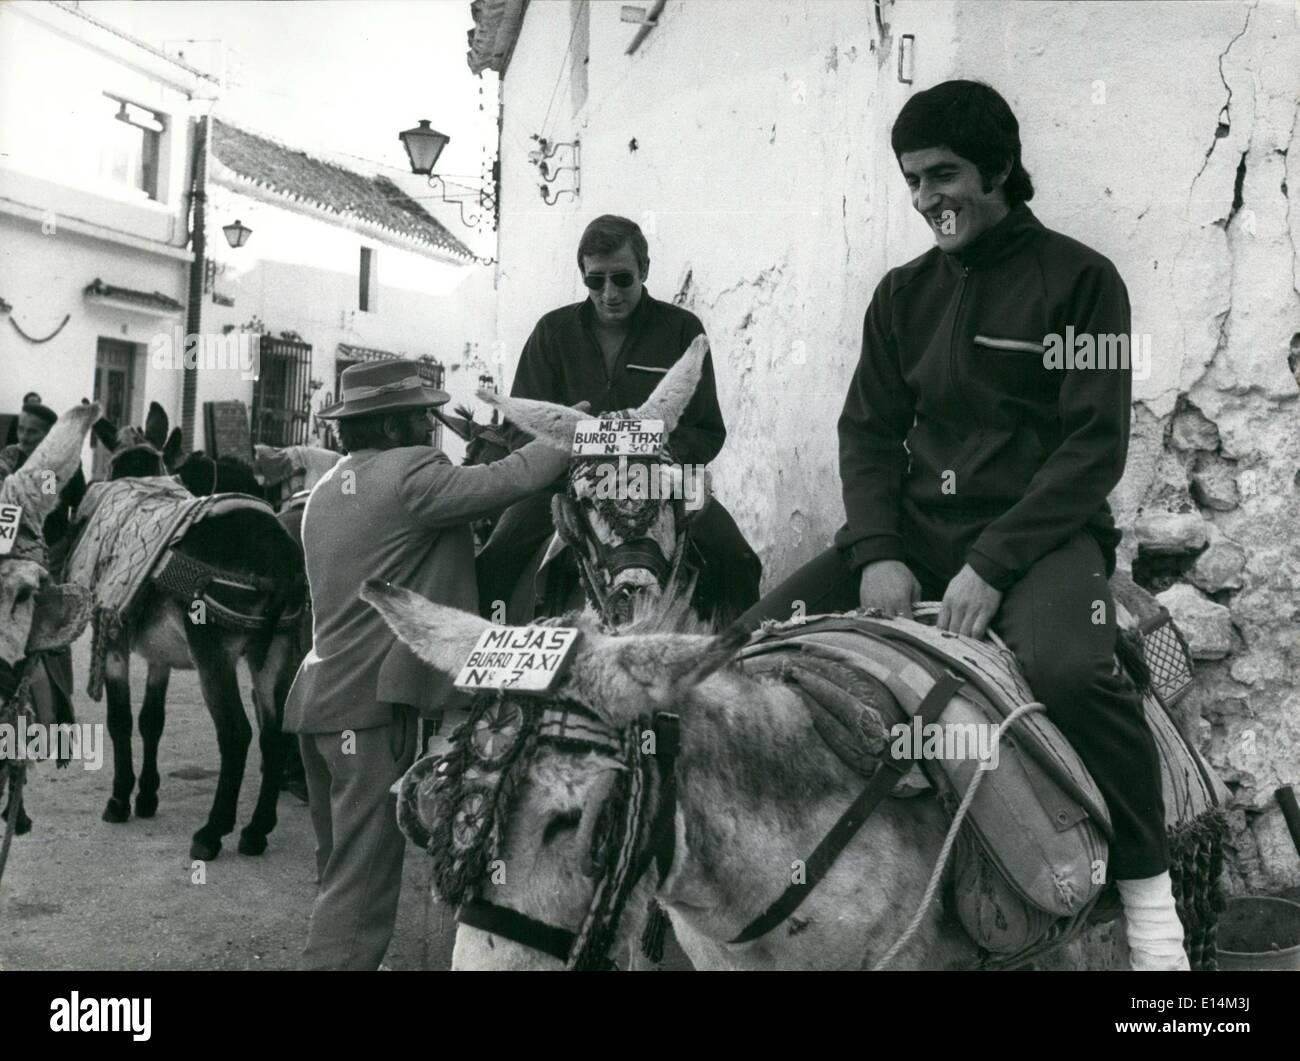 """18. April 2012 - '' Esel-Taxi'' nicht verschmutzen die Luft: die Torschütze des nationalen spanischen team, Benito, Tide ein '' Esel-Taxi'' während einer Pausenzeit im Training vor dem Spiel zwischen der spanischen Nationalmannschaft und die griechische Nationalmannschaft, die spielen am kommenden Mittwoch in Ma.-das Team ist die Ausbildung in der Litle Mijas, in der Nähe Molaga und wo das """"Esel-Taxi'', durch die Berge zu gehen ist eine sehr Tipycal Art des Reisens. Stockbild"""